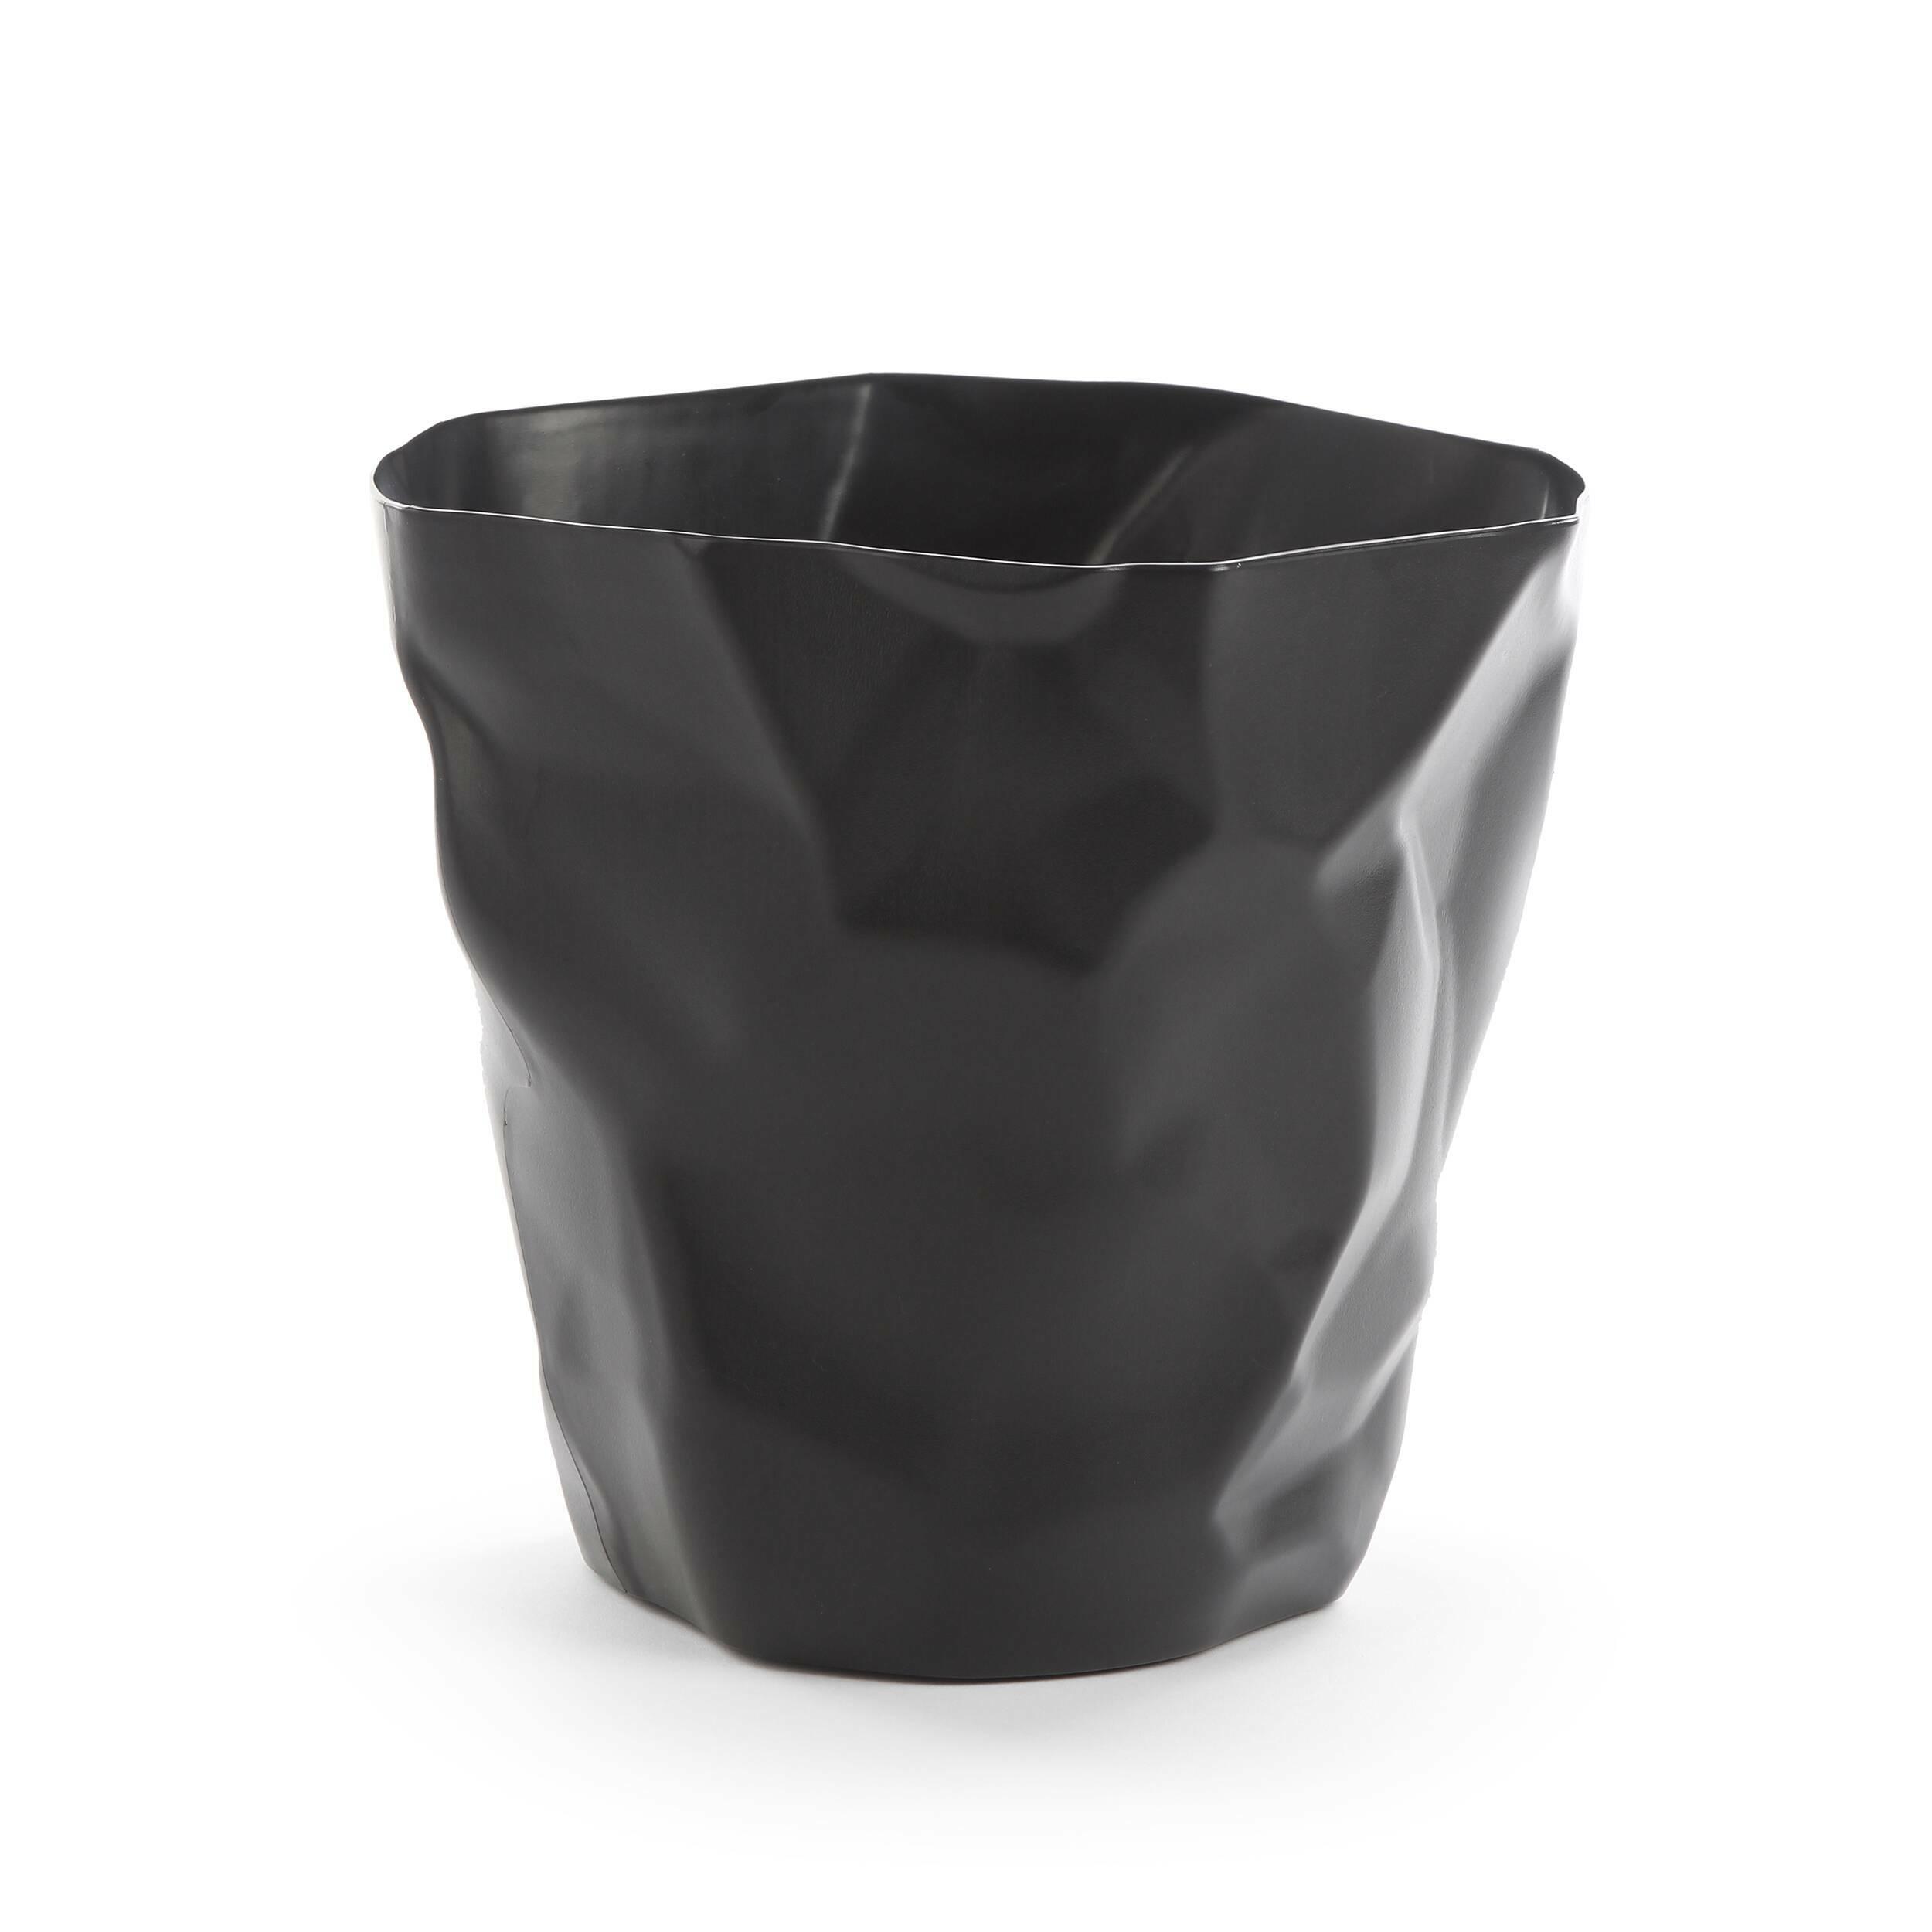 Мусорная корзина CrumpleРазное<br>Дизайнерская мусорная однотонная корзина Crumple (Крампл) из полипропилена от Cosmo (Космо).<br><br>     Видно, дизайнер, разрабатывавший конструкцию этой корзины, долго не мог придумать, какой она будет в конечном итоге. Сделав очередной набросок, он смял его в комок — и получил отличную идею мусорной корзины Crumple! <br><br><br>     Эта забавная мусорная корзина идеально подойдет для творческих студий и дизайнерских бюро. Она изготовлена из легкого долговечного материала, полипропилена, благодаря че...<br><br>stock: 9<br>Высота: 30<br>Ширина: 32<br>Диаметр: 20<br>Тип материала каркаса: Полипропилен<br>Цвет каркаса: Черный